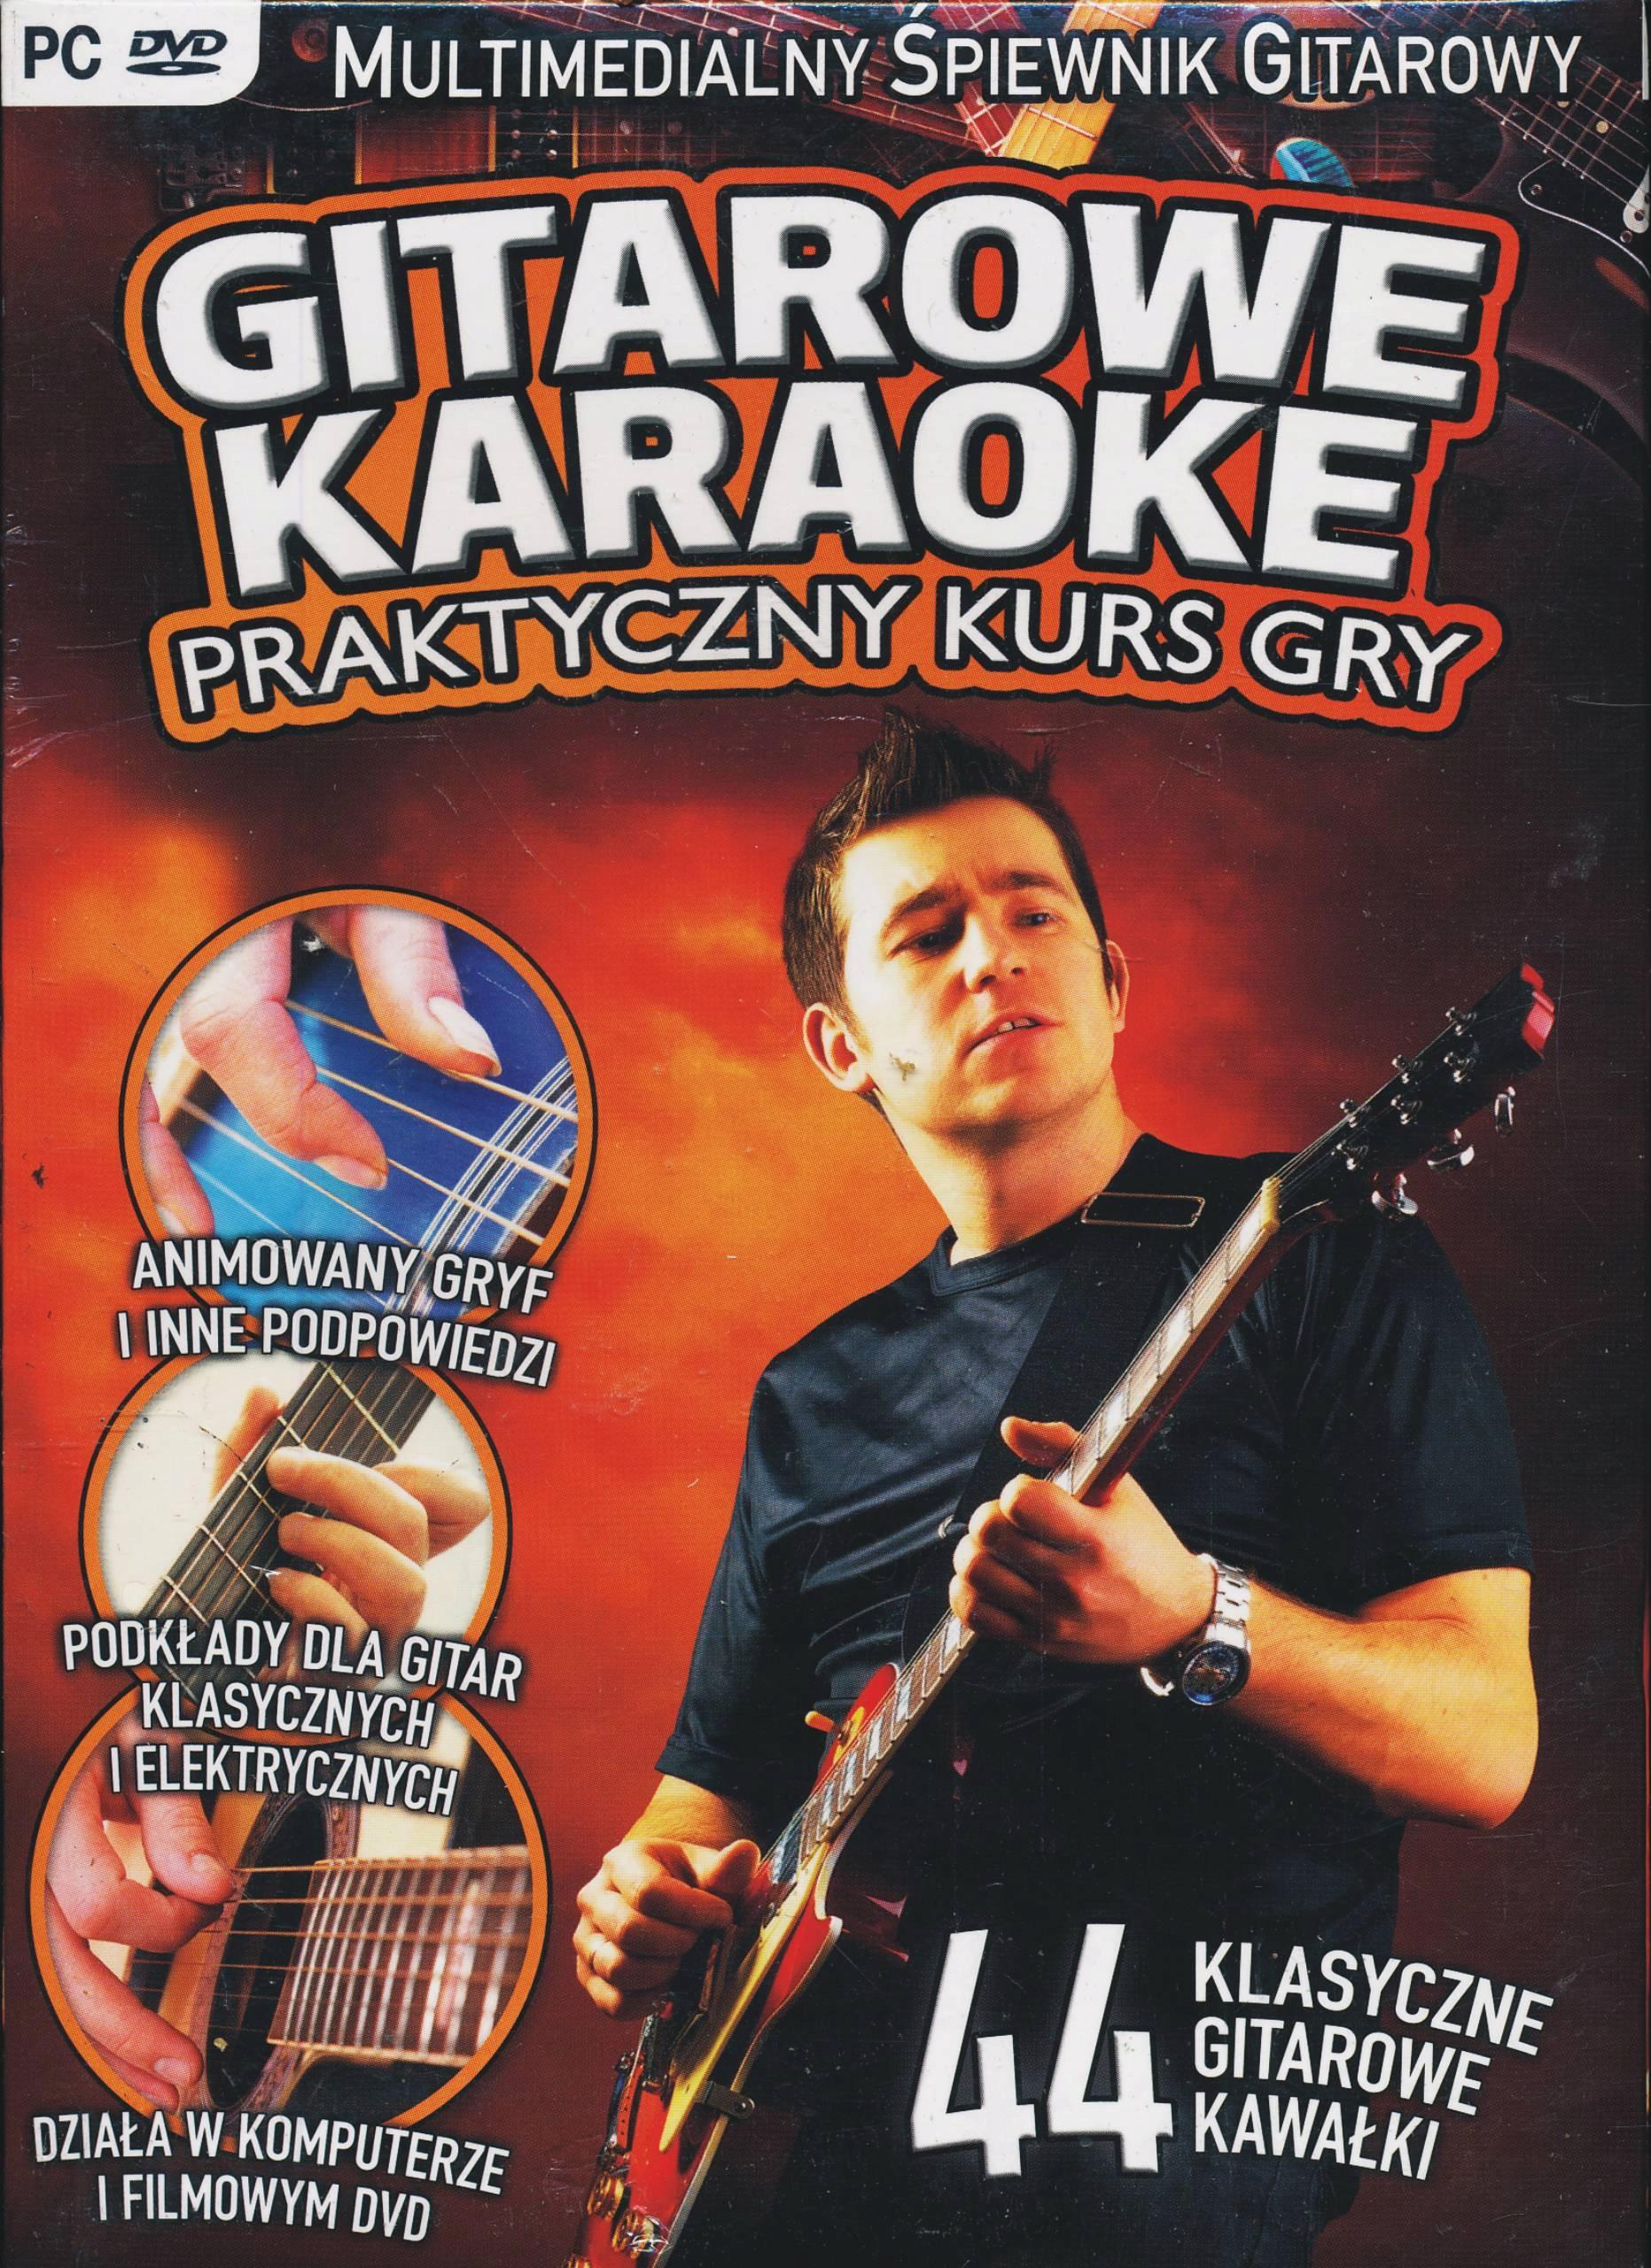 Gitarowe karaoke - Praktyczny kurs gry DVD